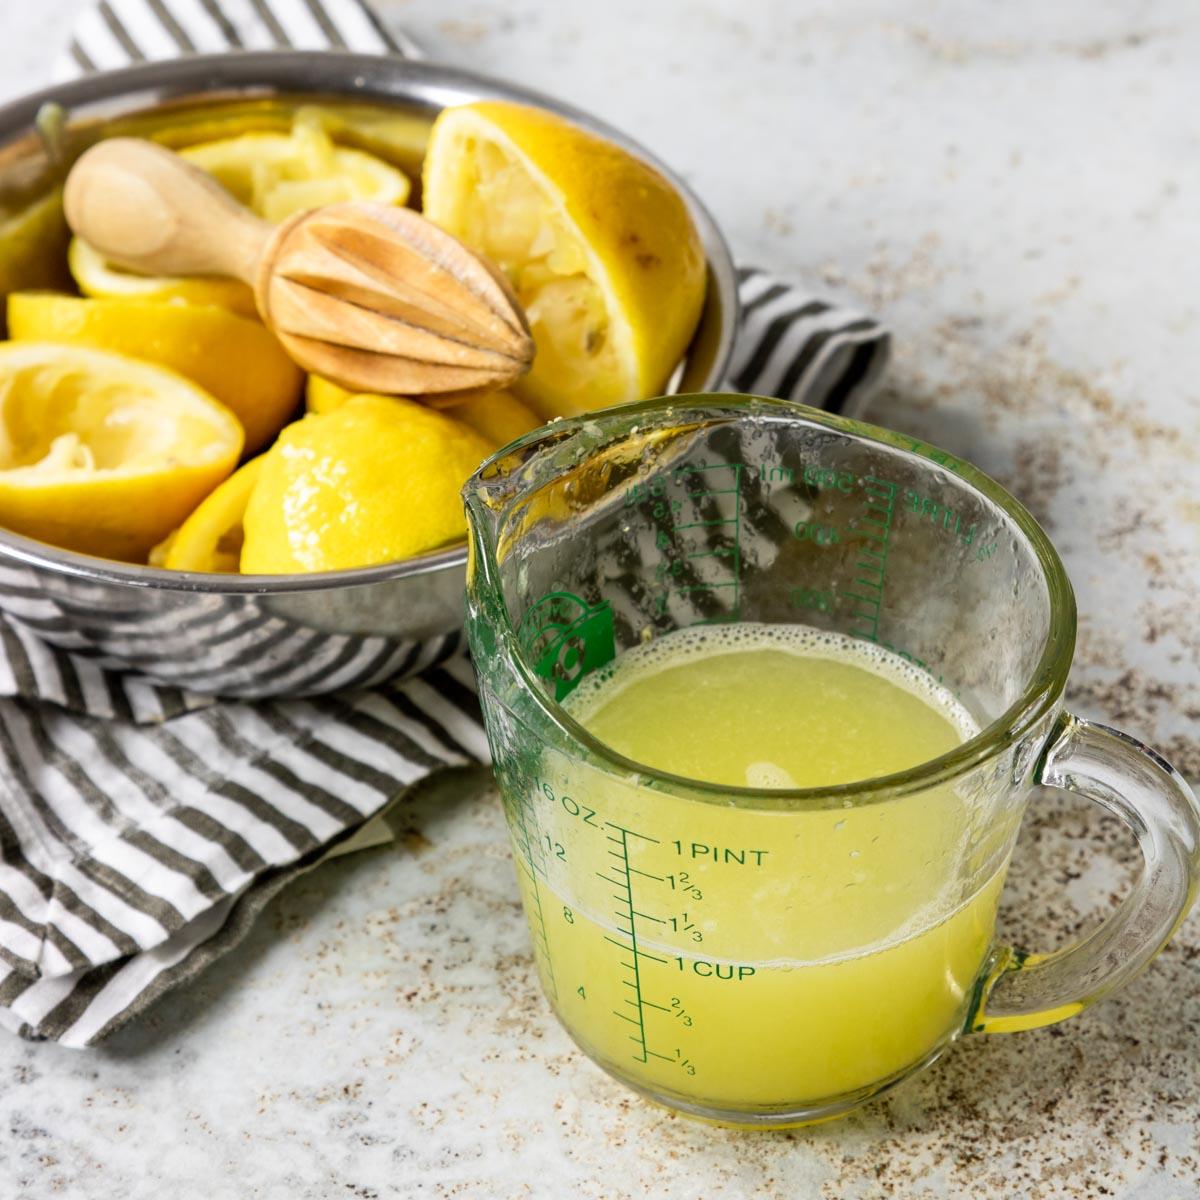 1 cup fresh squeezed lemon juice